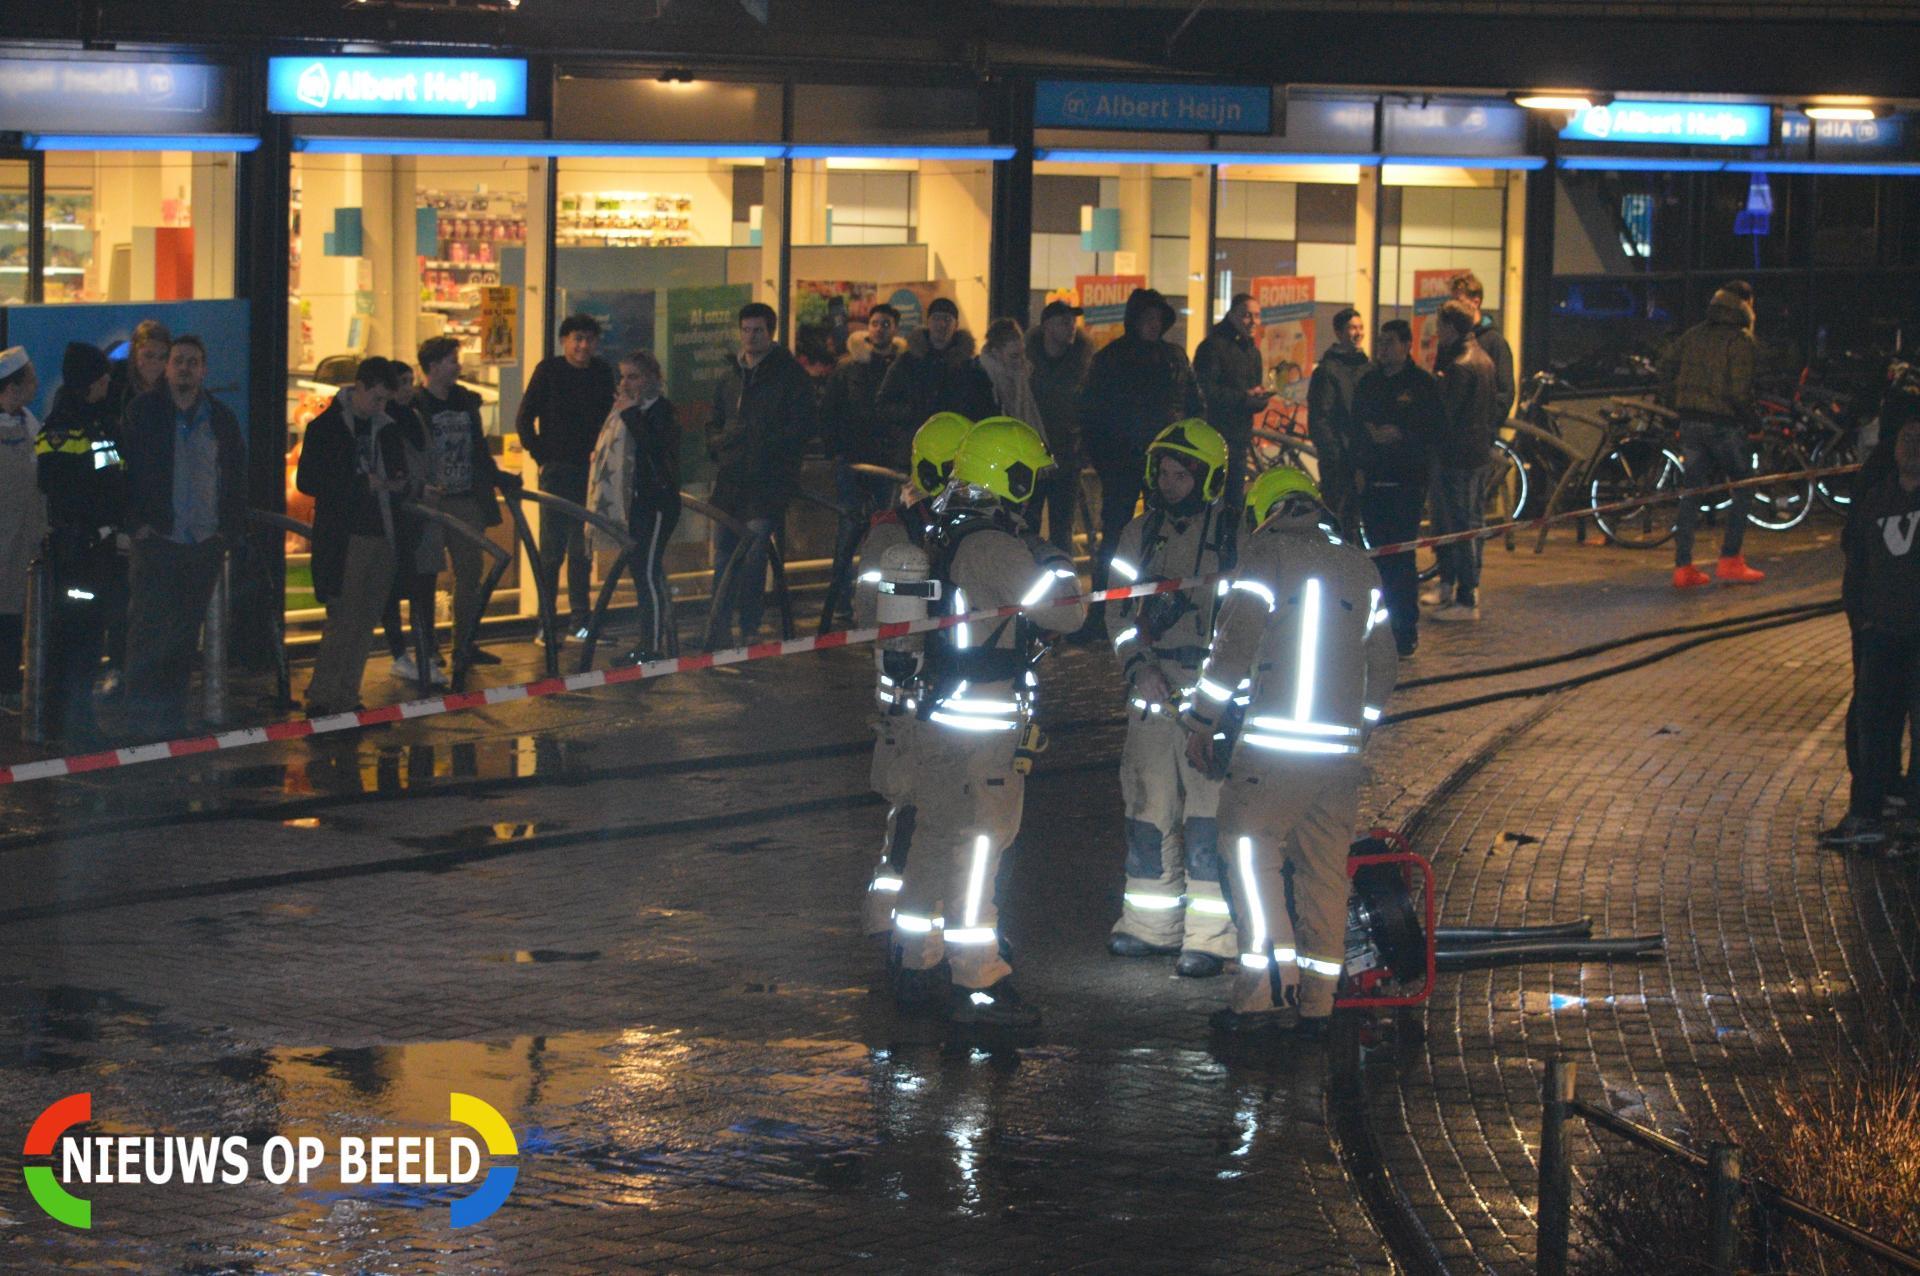 Forse schade in Albert Heijn door brand in wasdroger Westerwater Berkel en rodenrijs